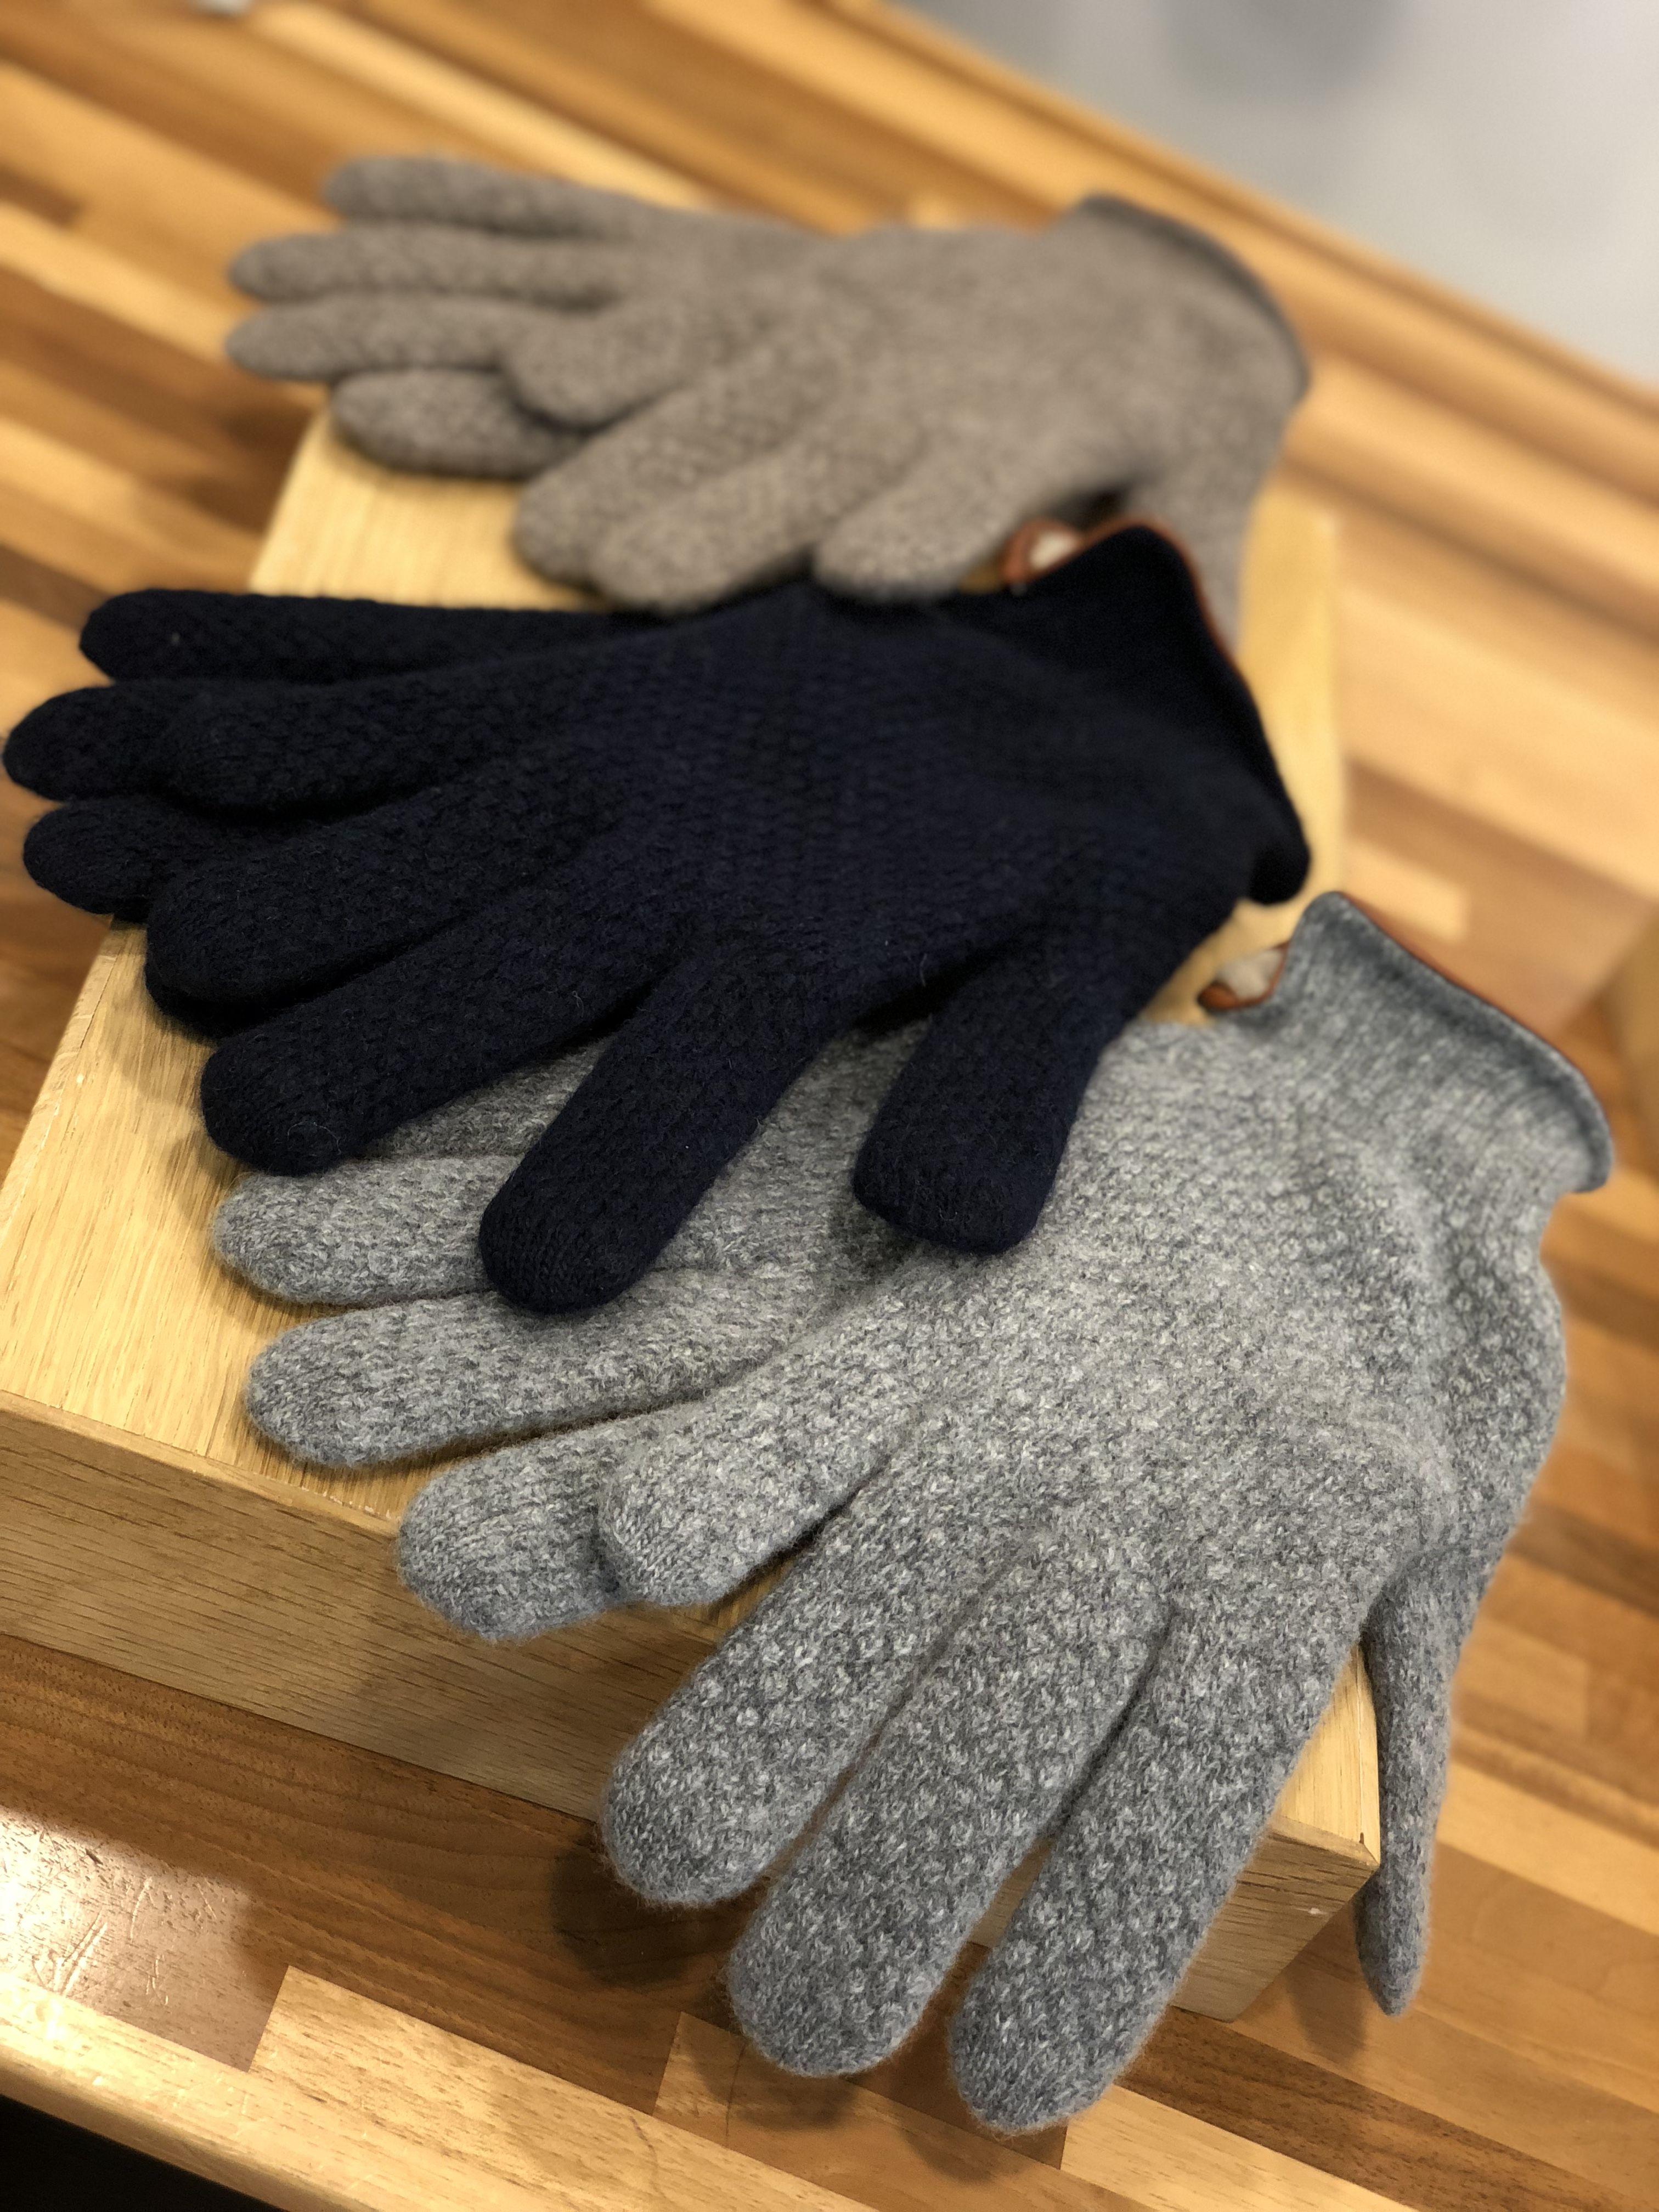 Gants gris et noir - Christian Ambrosio